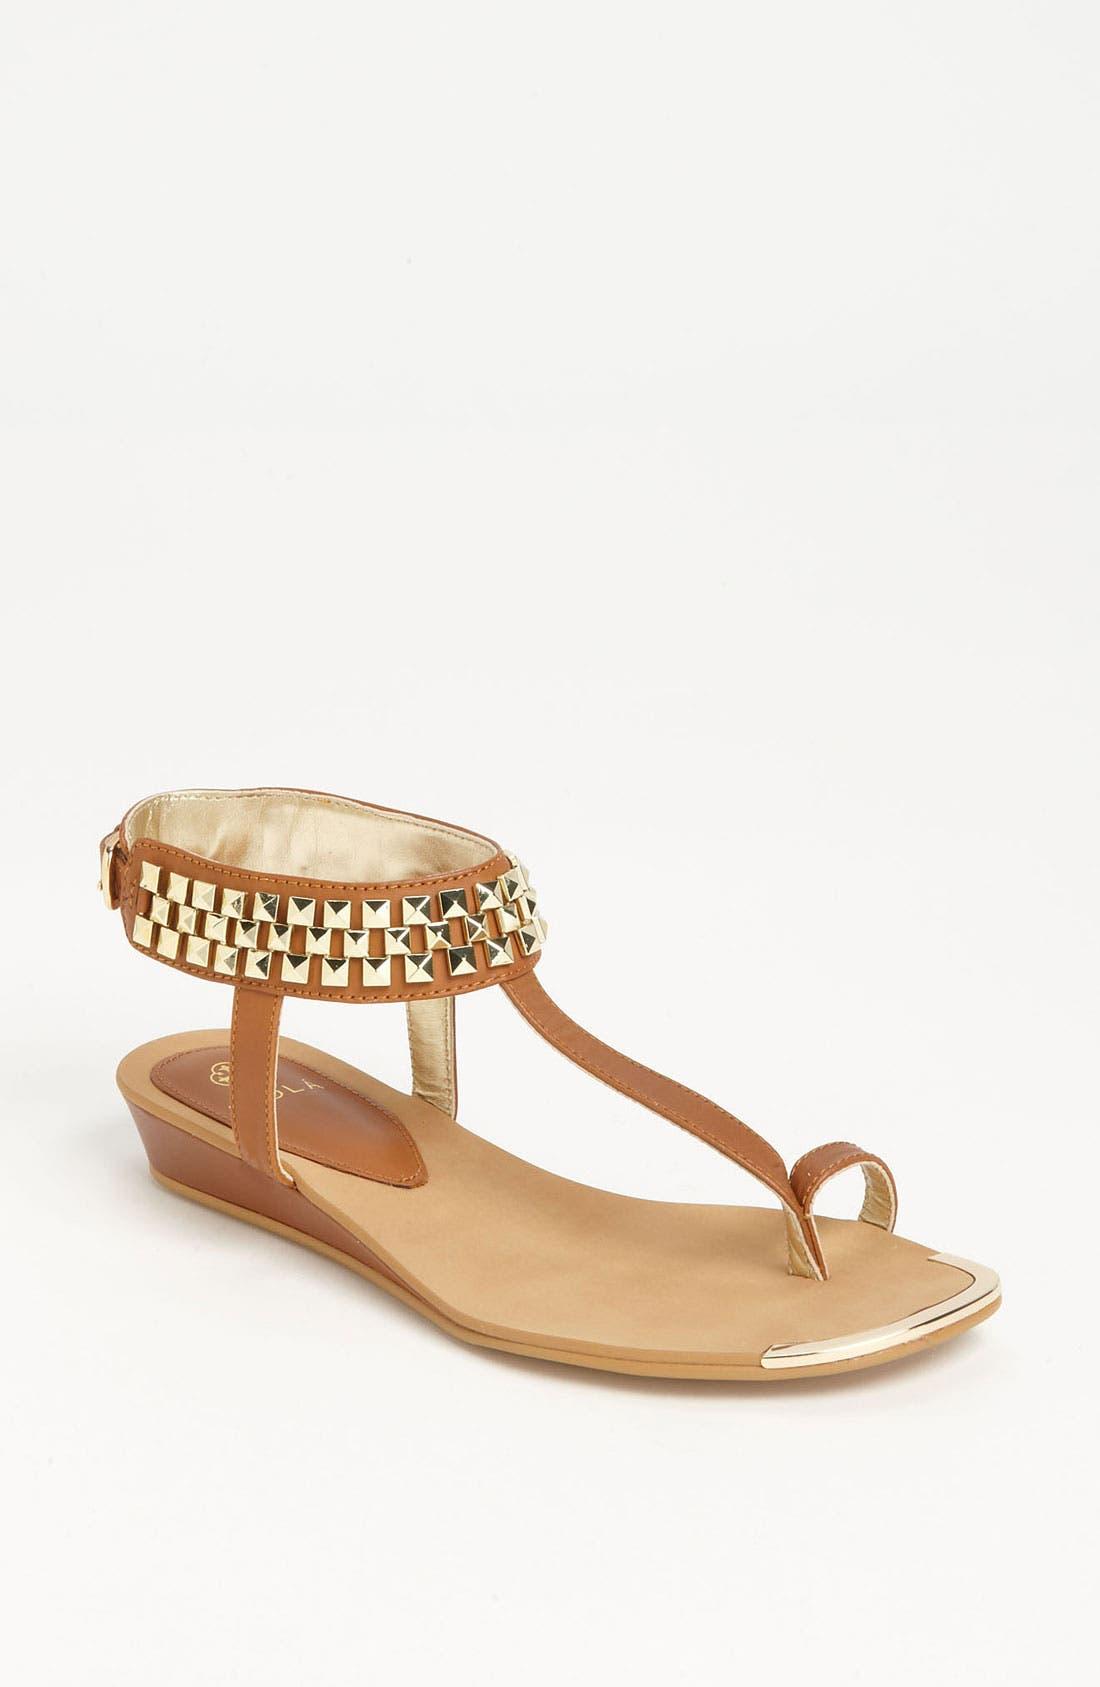 Alternate Image 1 Selected - Isolá 'Adar' Sandal